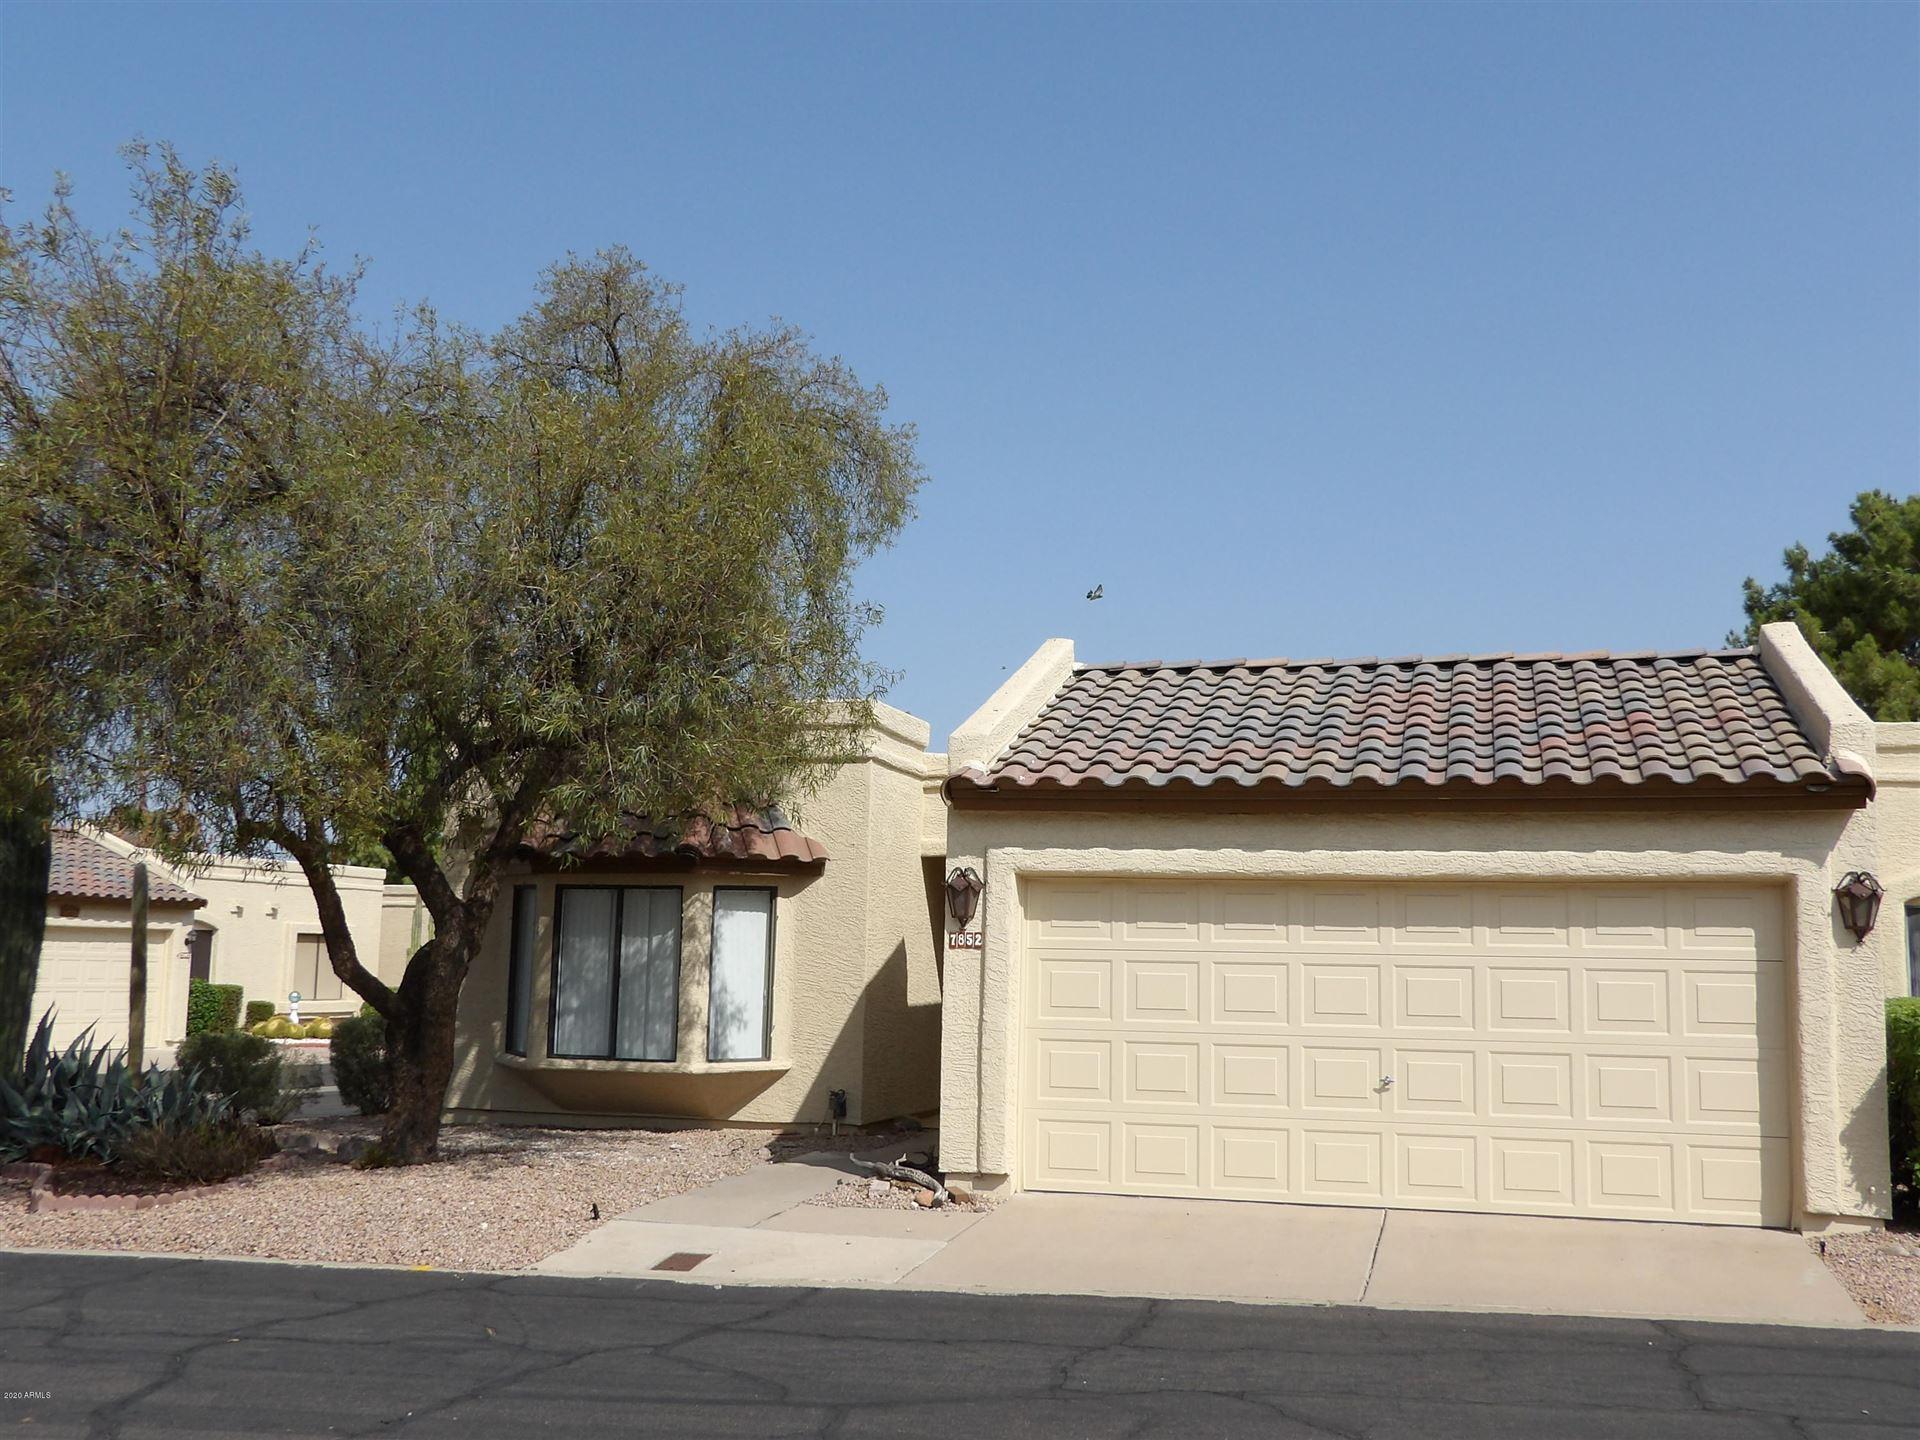 7852 E FOUNTAIN COVE --, Mesa, AZ 85208 - MLS#: 6134946